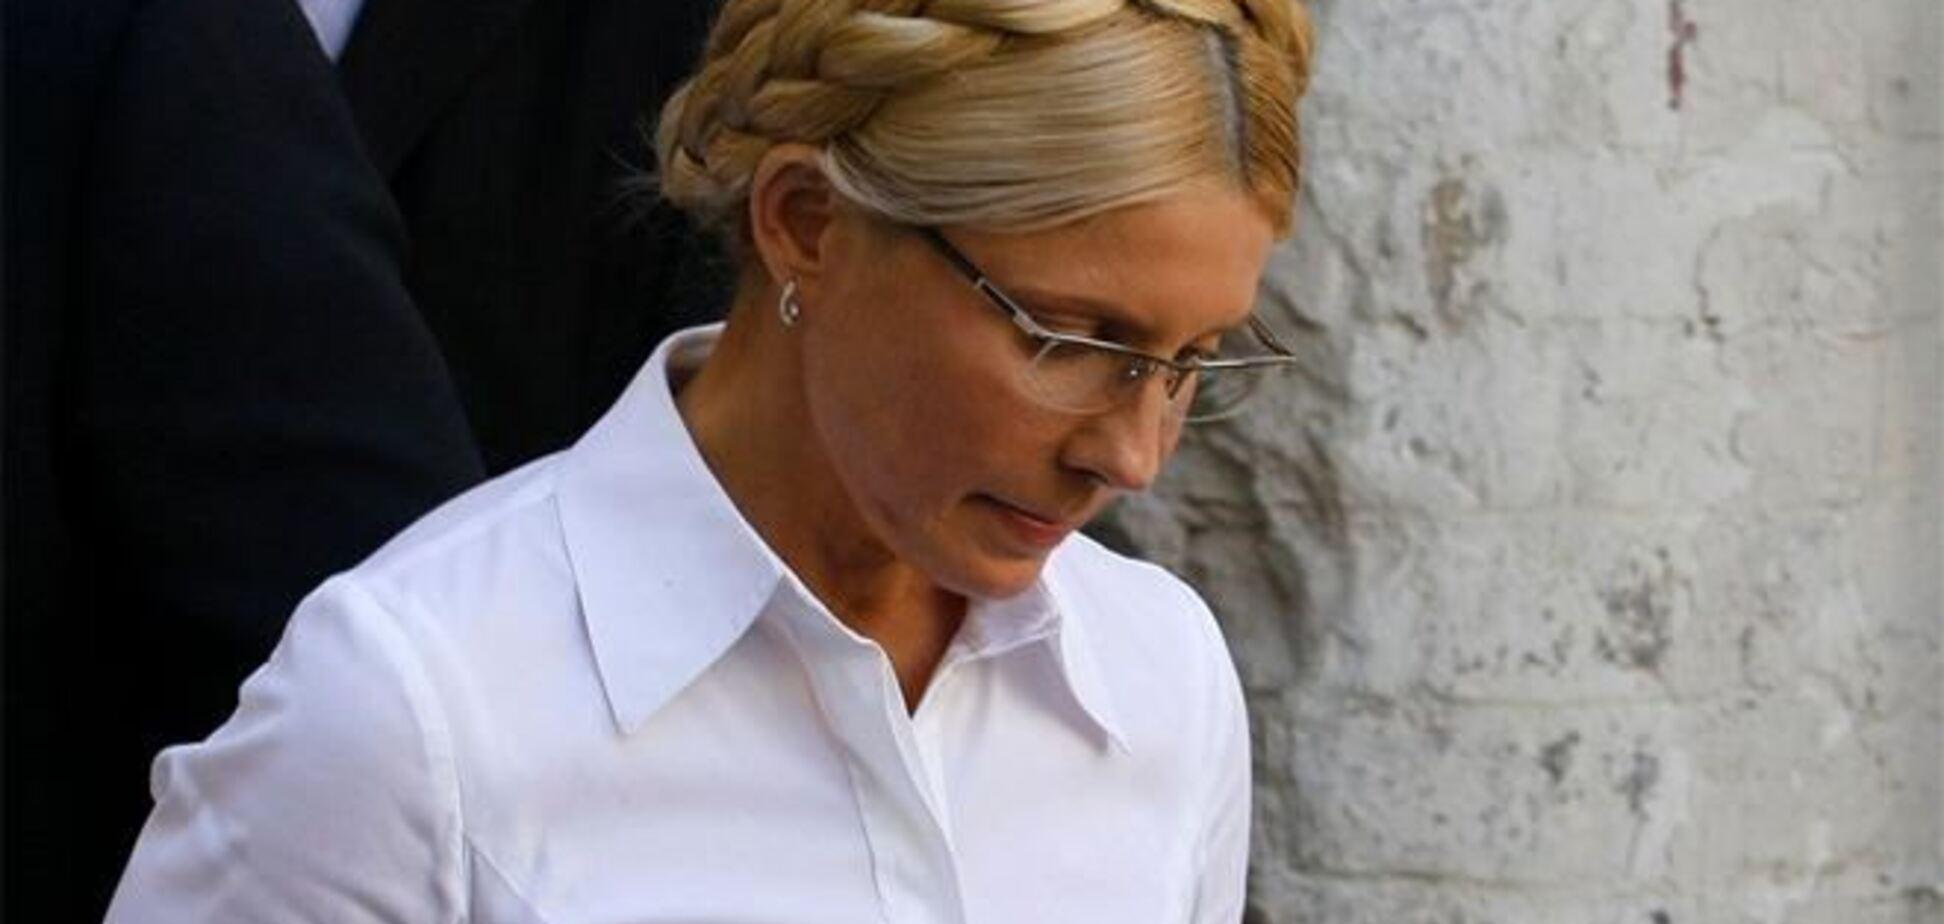 Тимошенко як виняток дозволили зустріч із захисниками